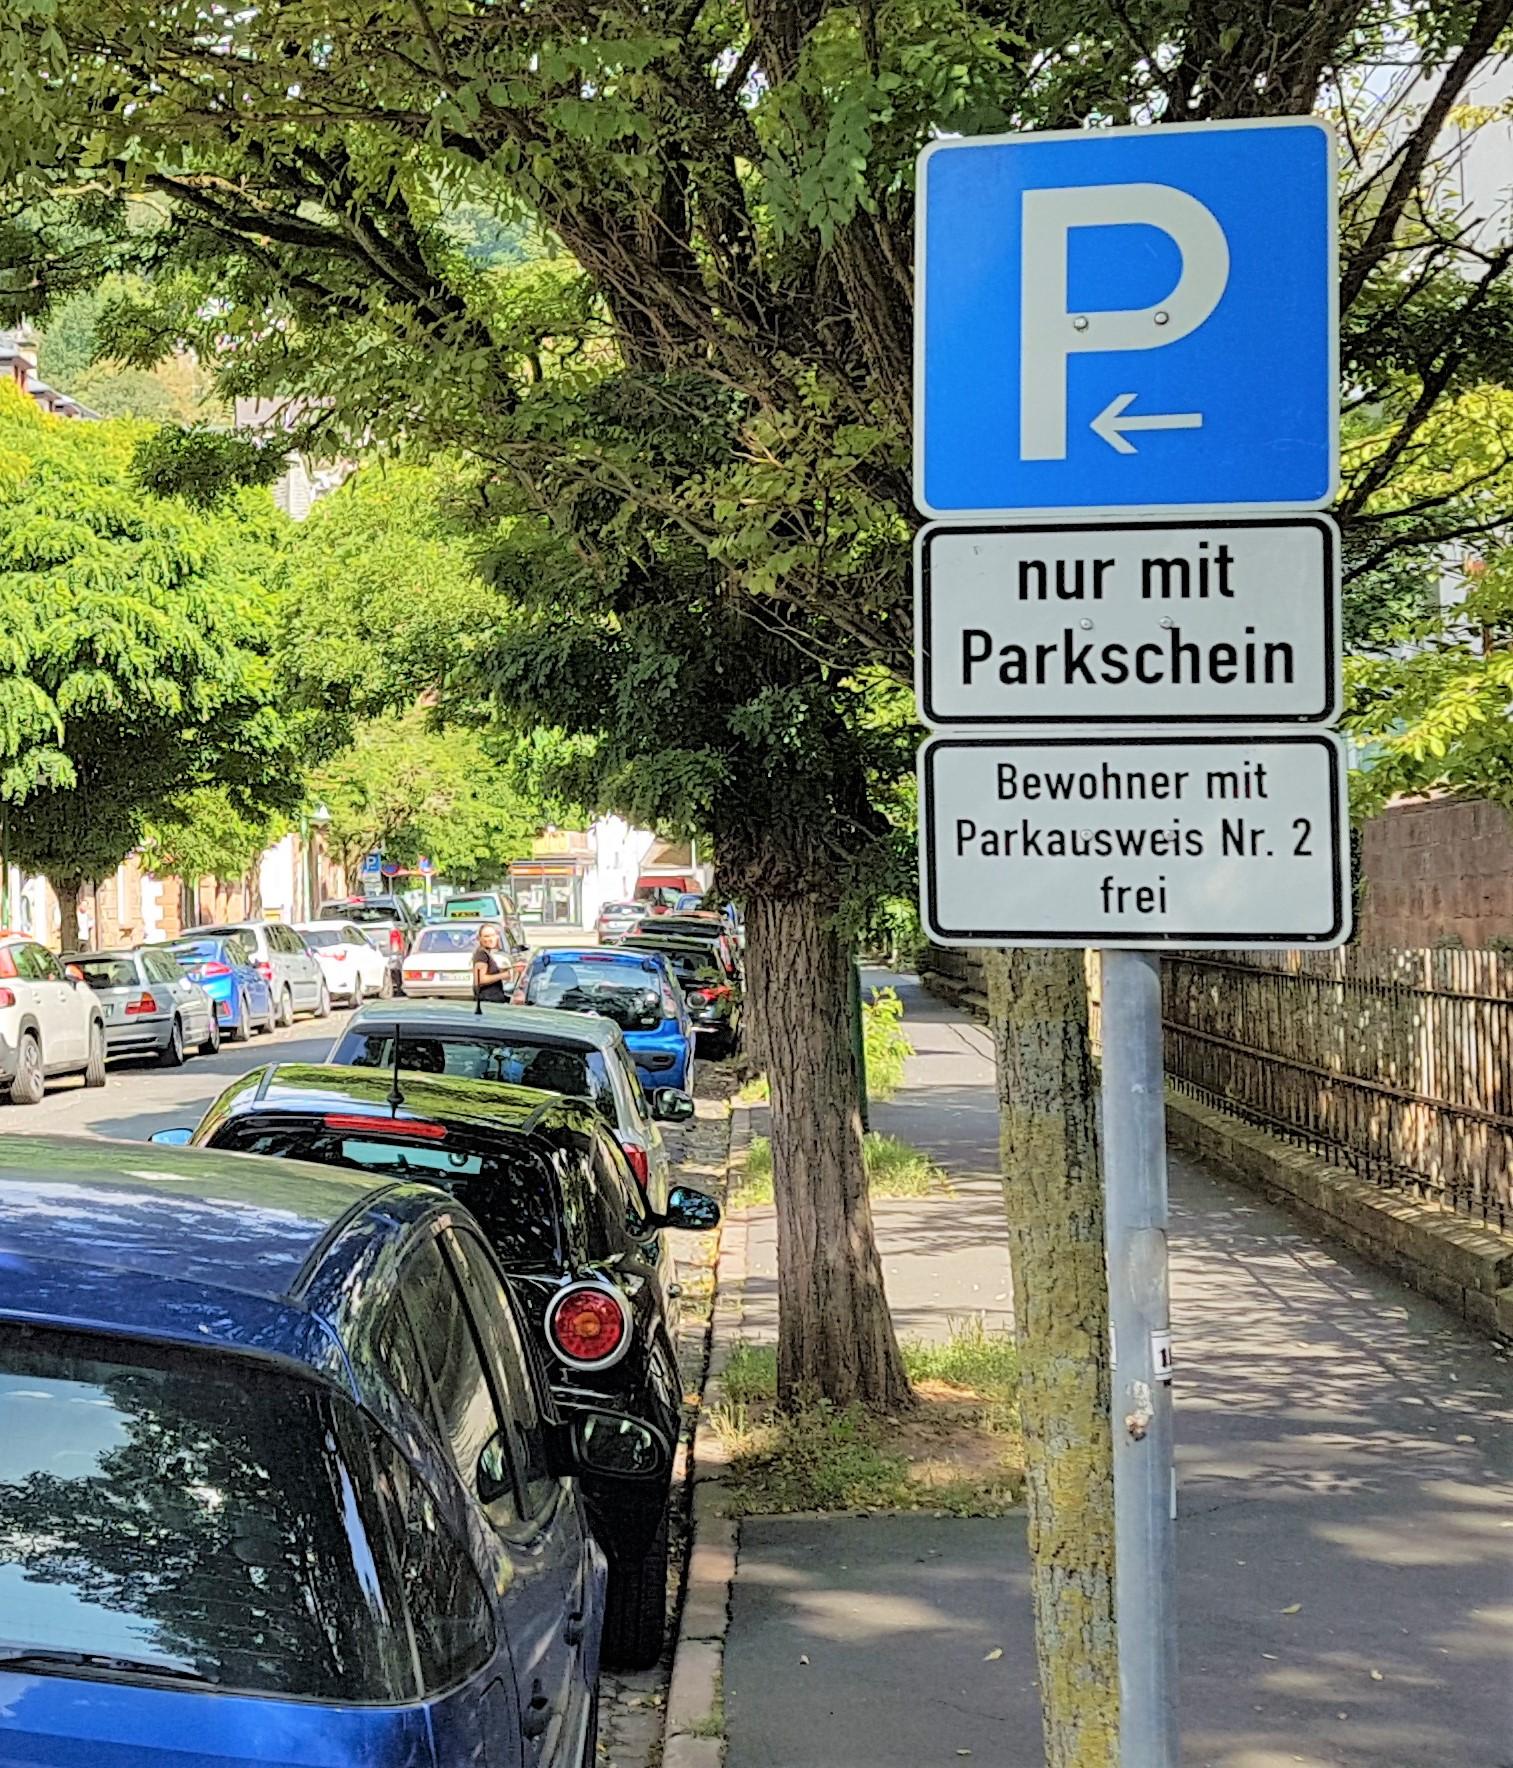 Straße mit parkenden Autos. Nahaufnahme eines Anwohnerparkenschildes.